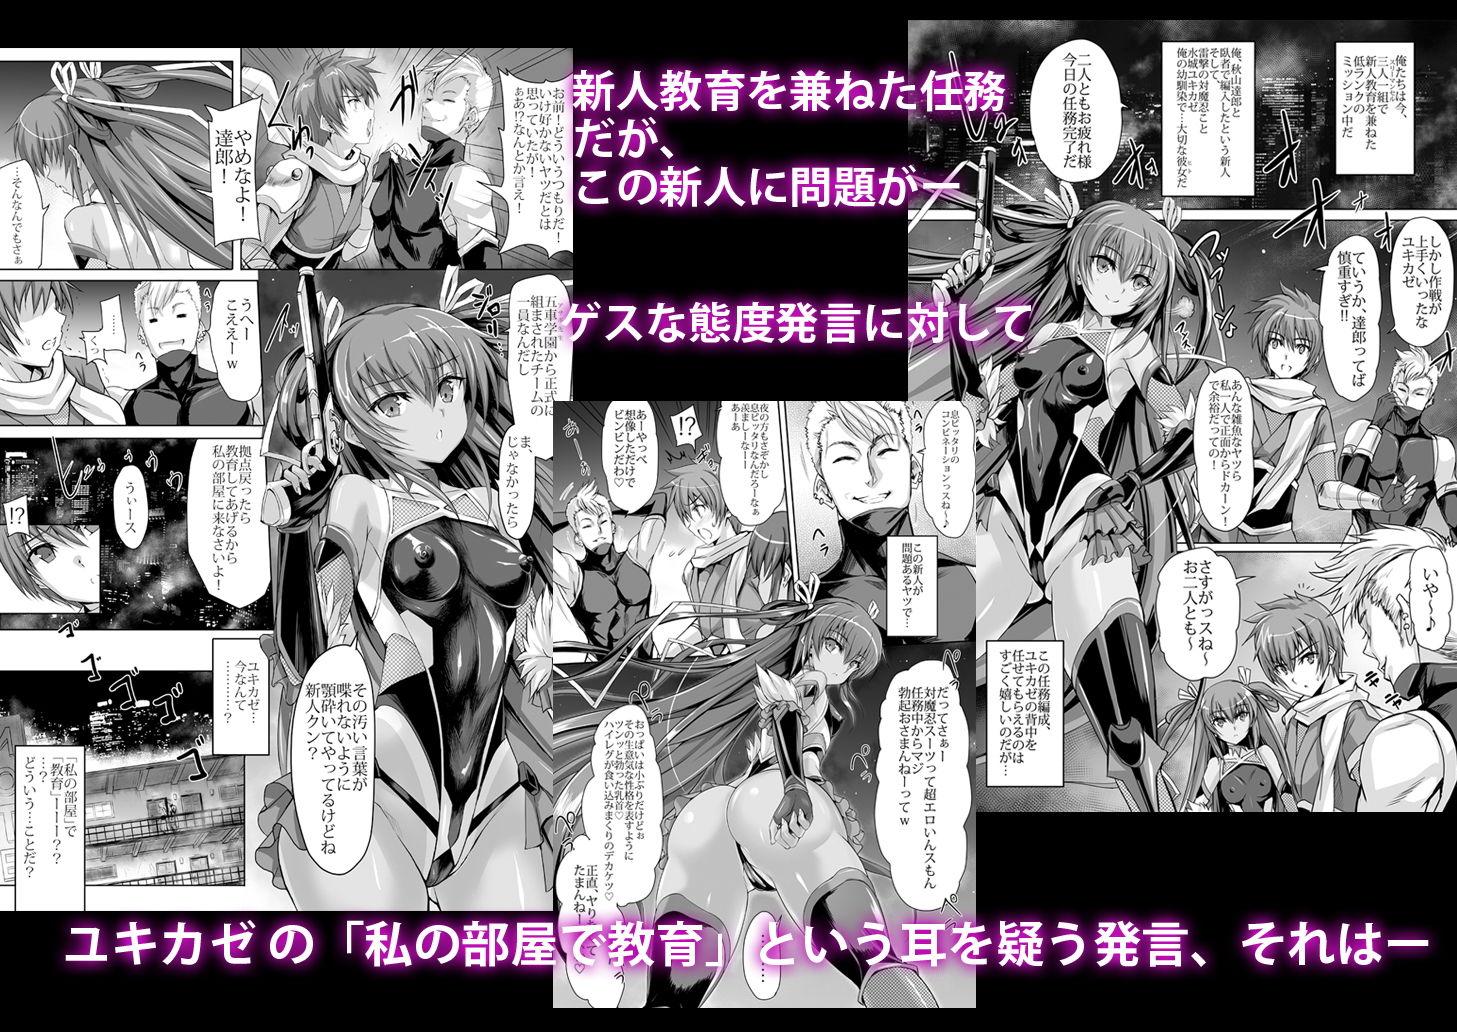 【対魔忍ユキカゼ 同人】僕の彼女は対魔忍3